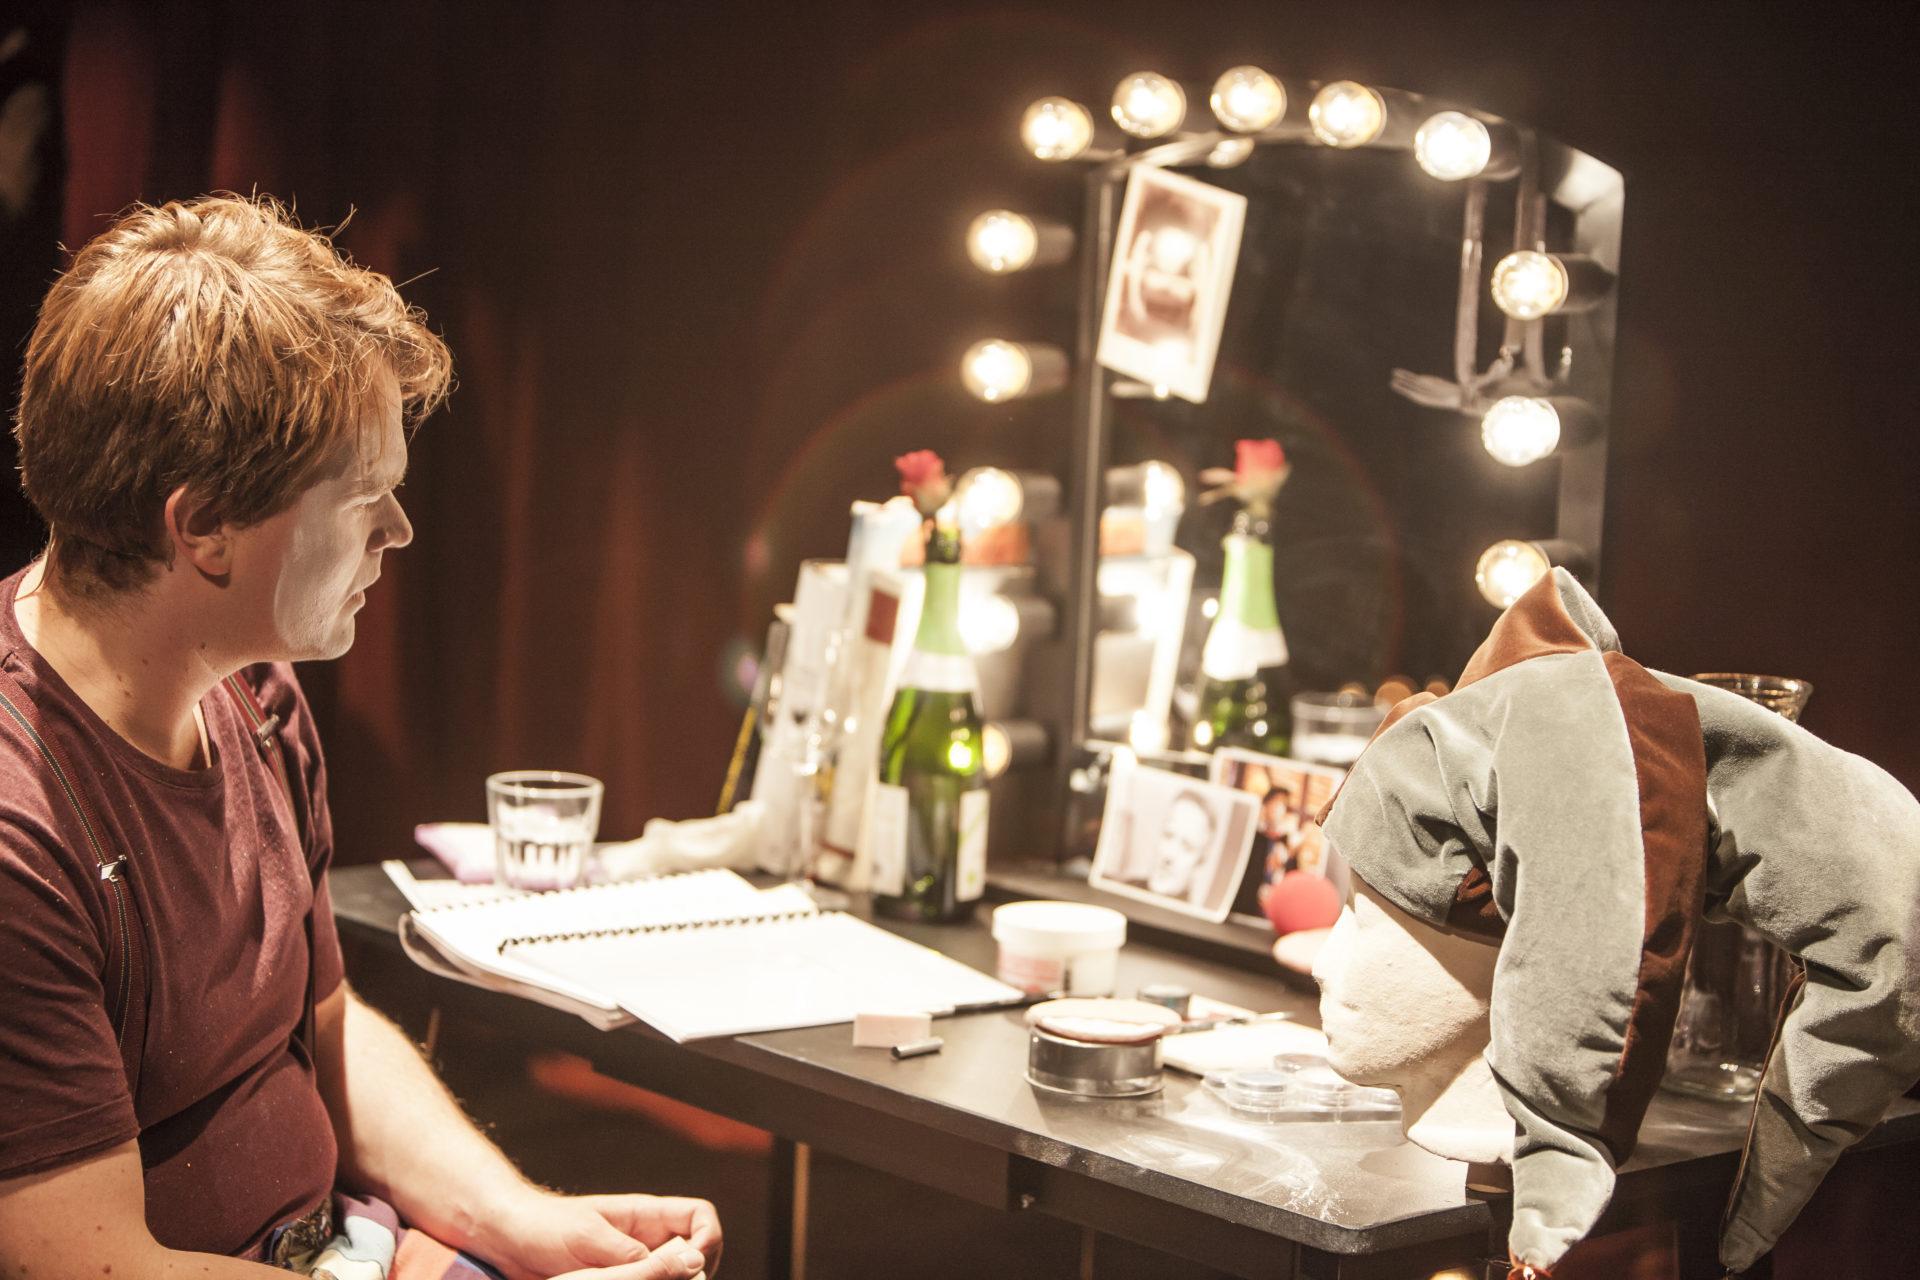 Mann ser på seg selv i speilet